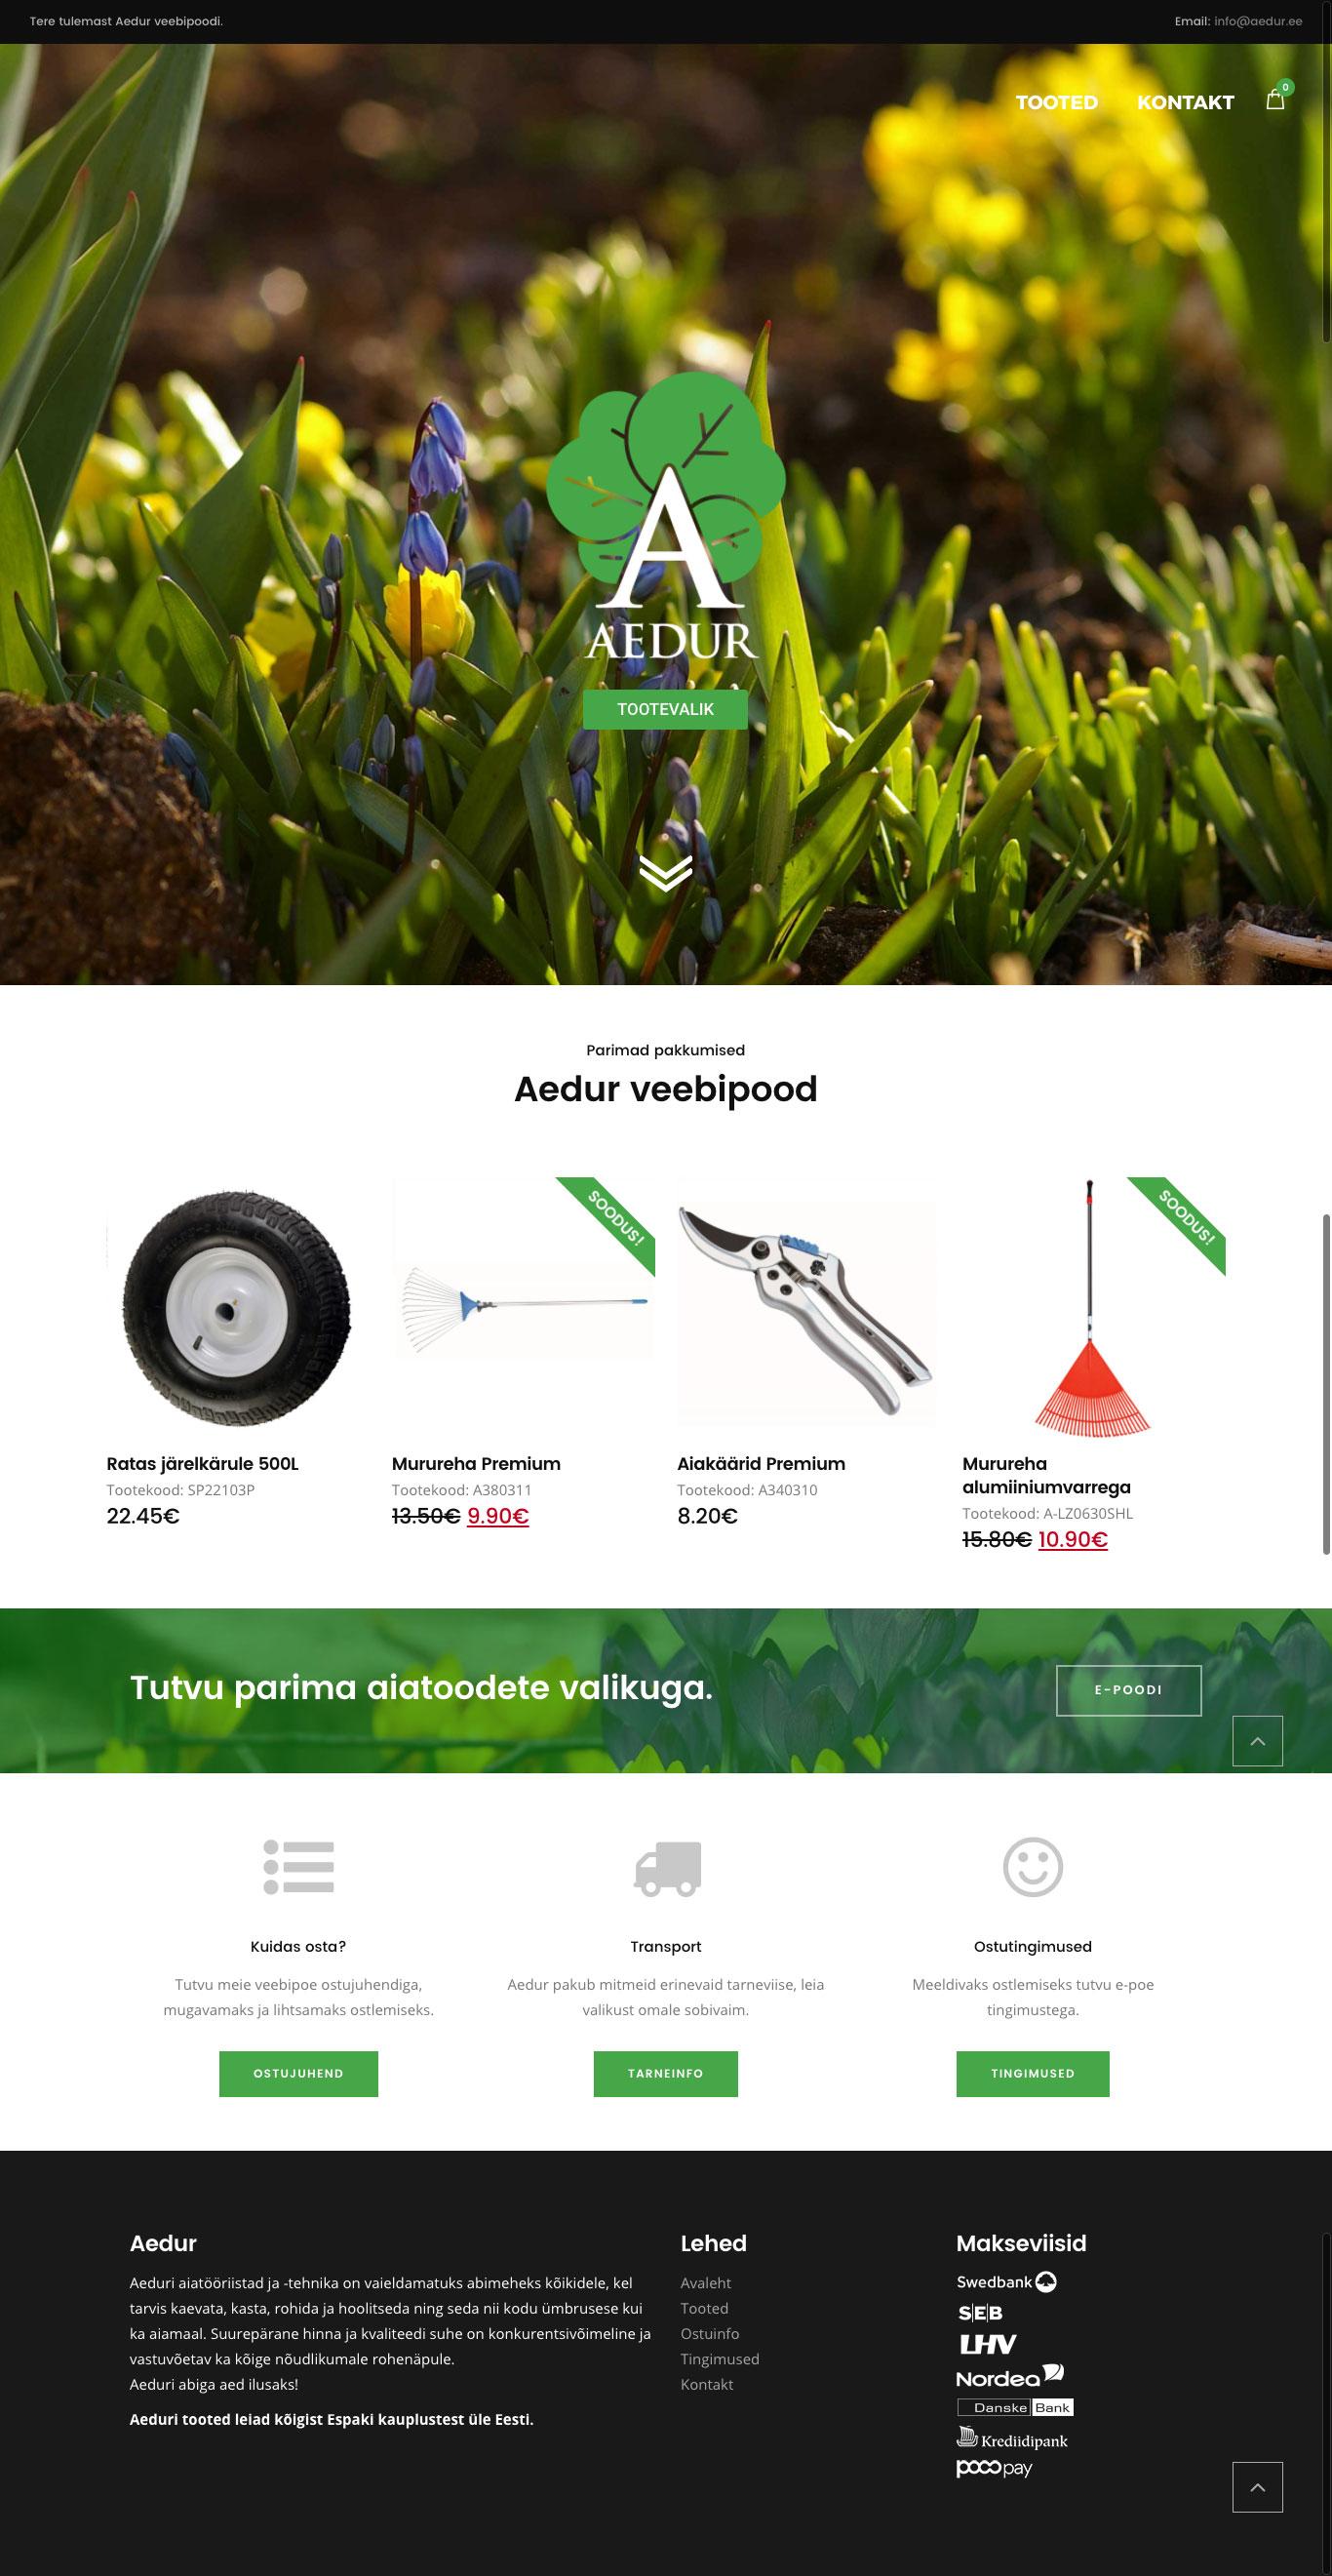 Portfolio image of Aedur website